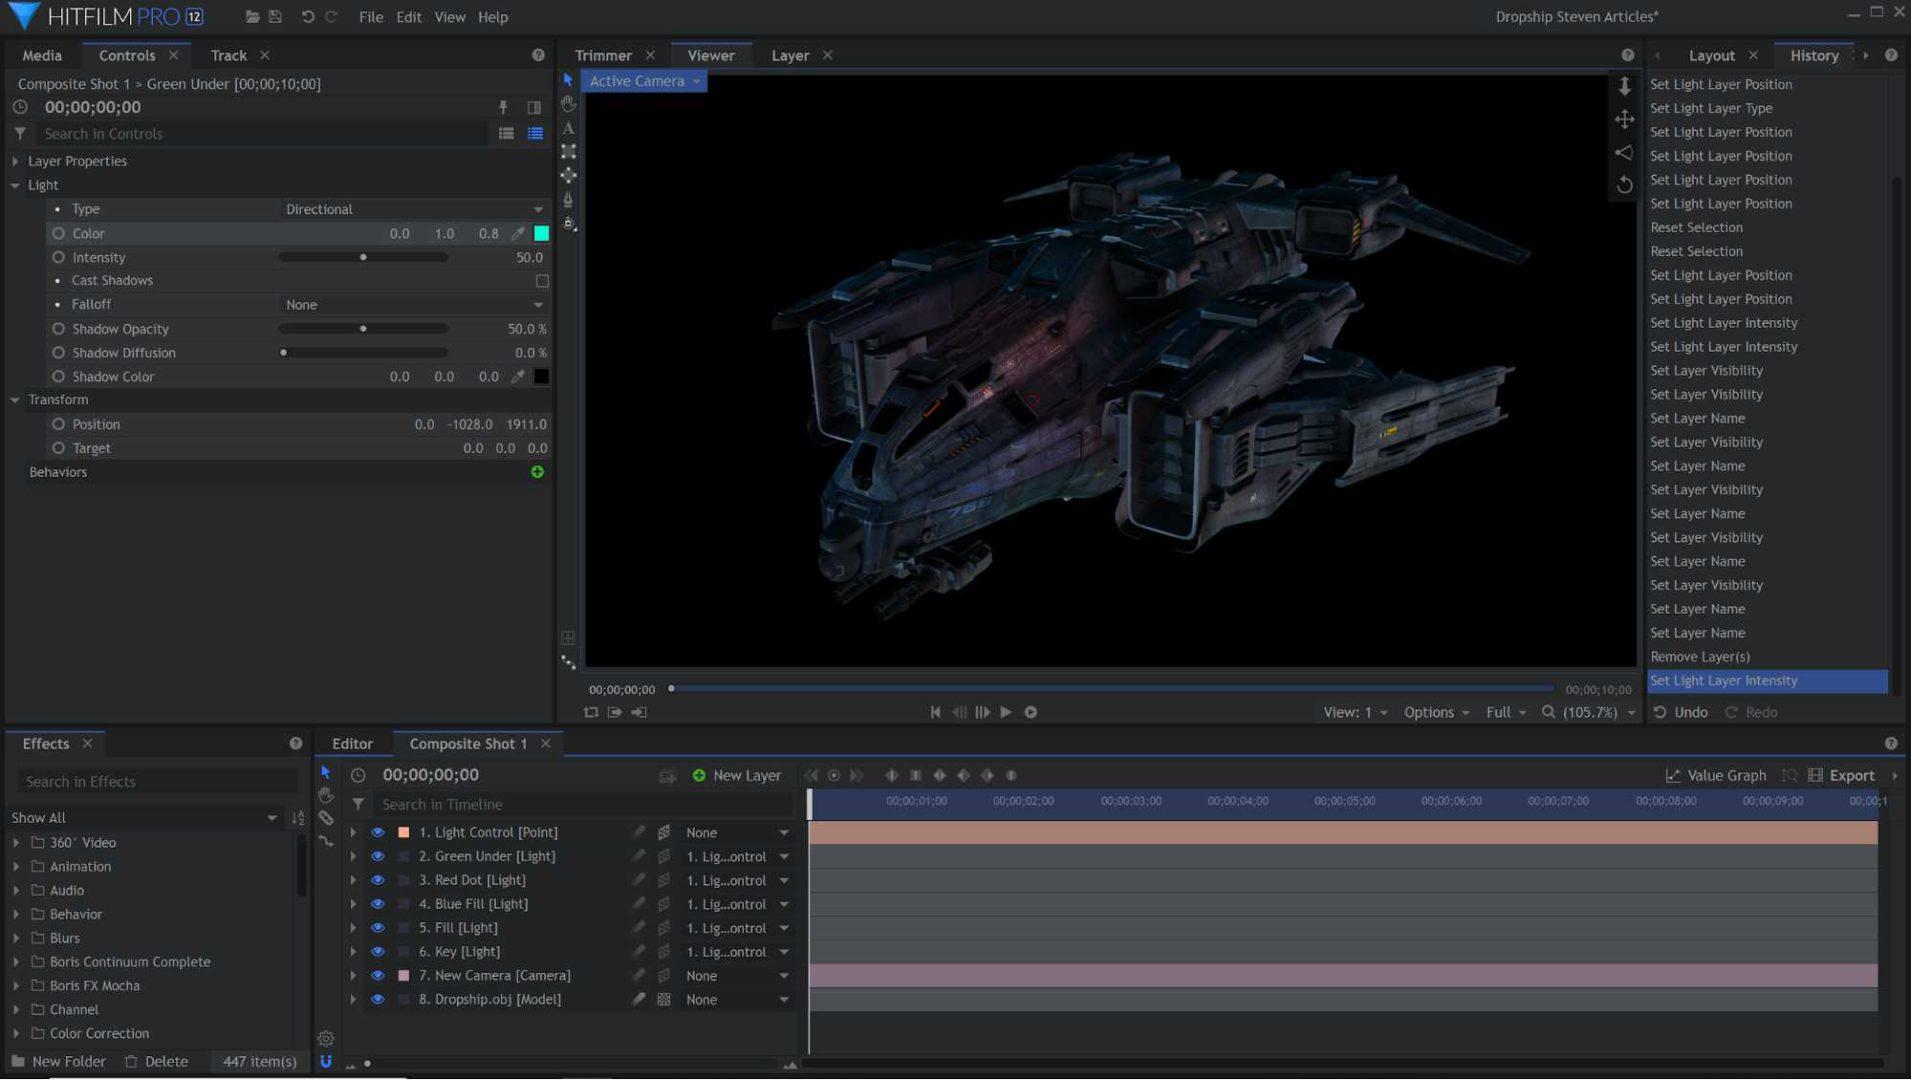 3D model lighting in HitFilm Pro